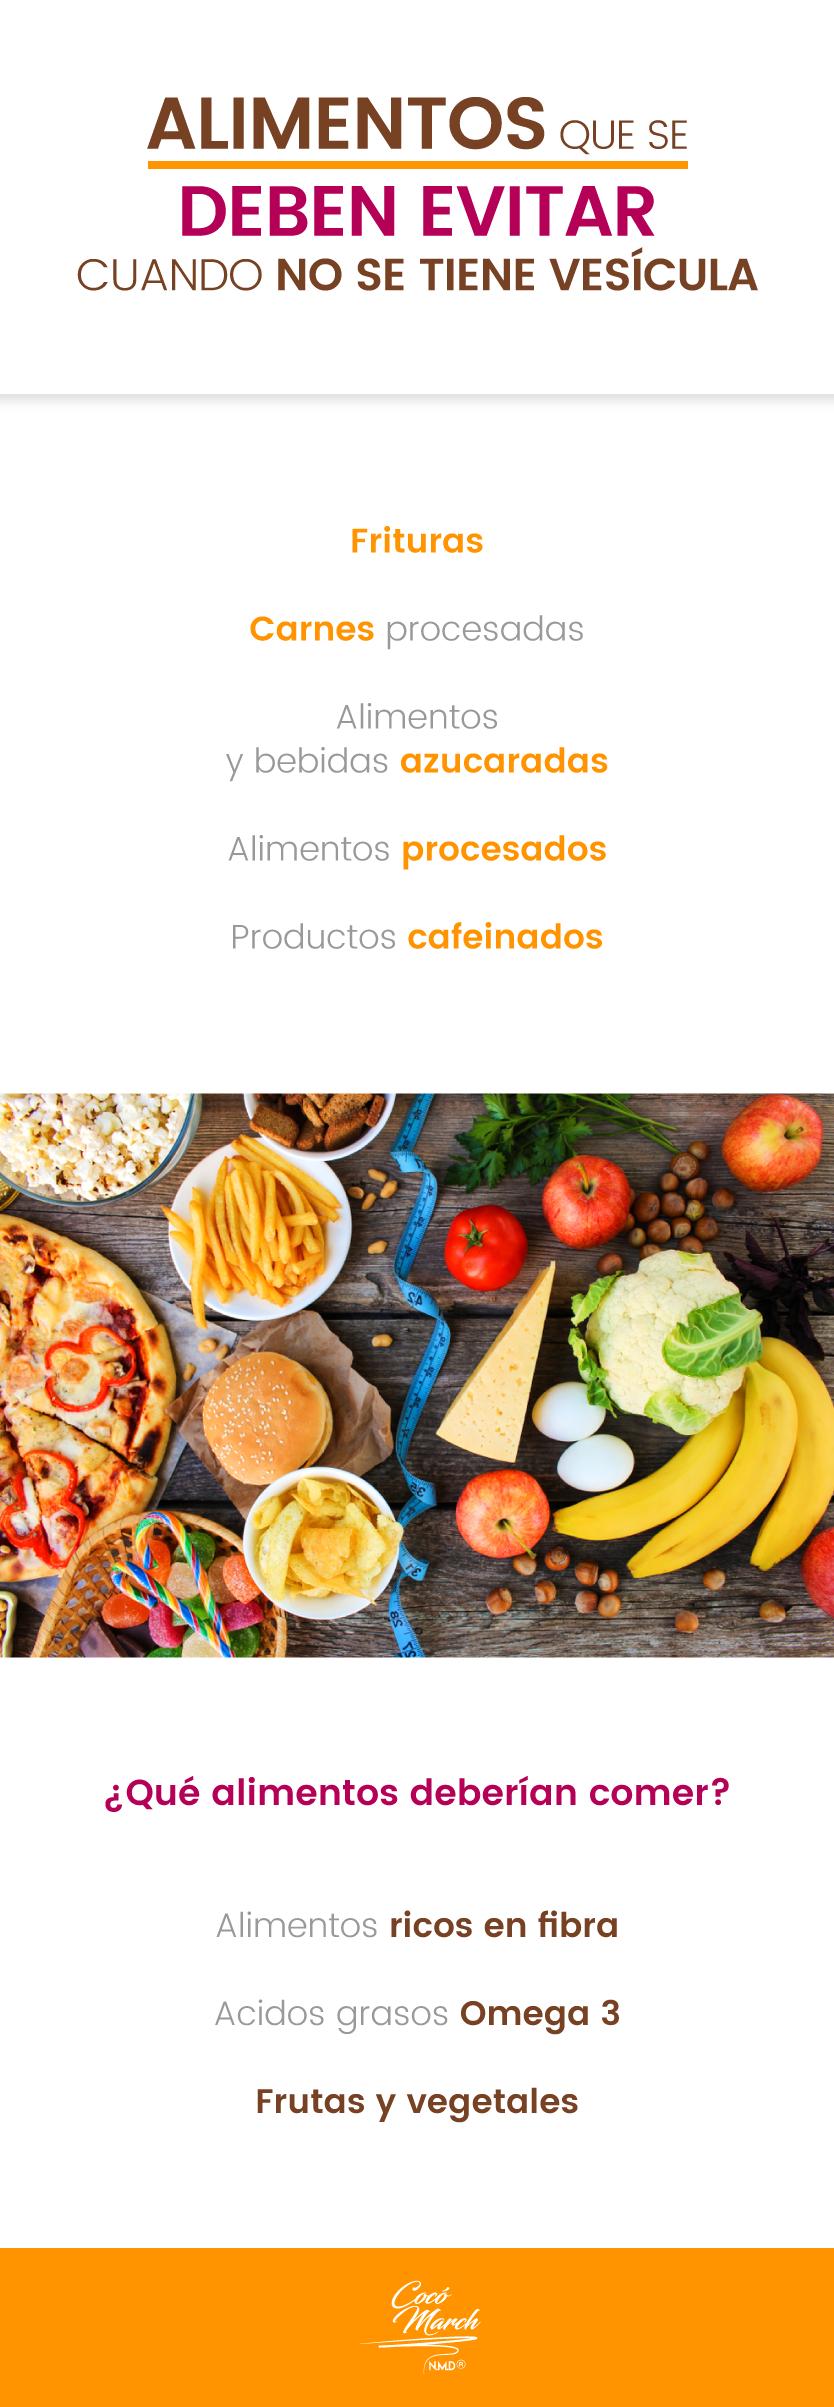 alimentos-que-deben-evitar-las-personas-sin-vesicula